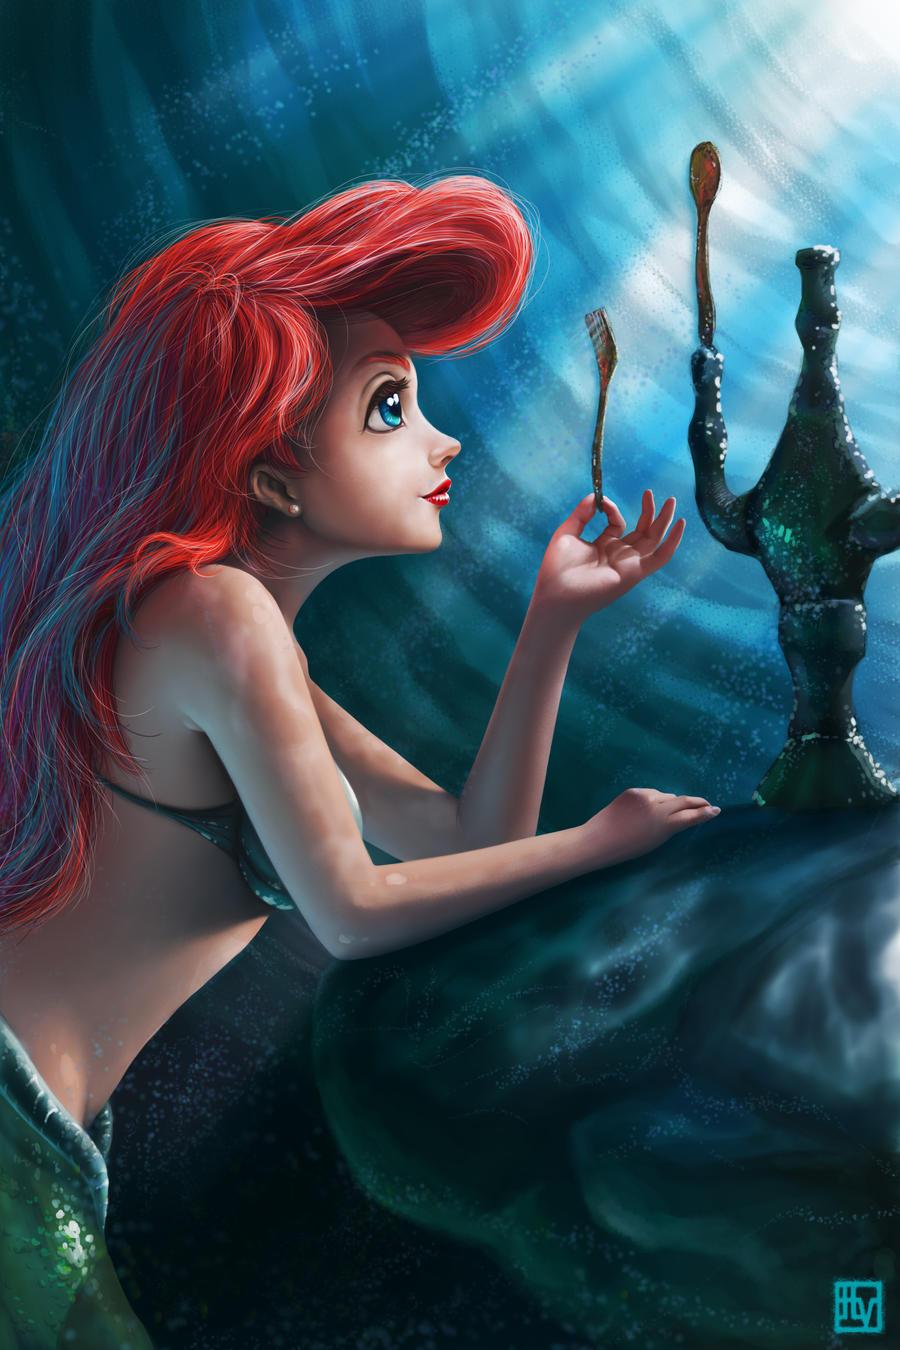 Ariel by Houa-Vang on DeviantArt